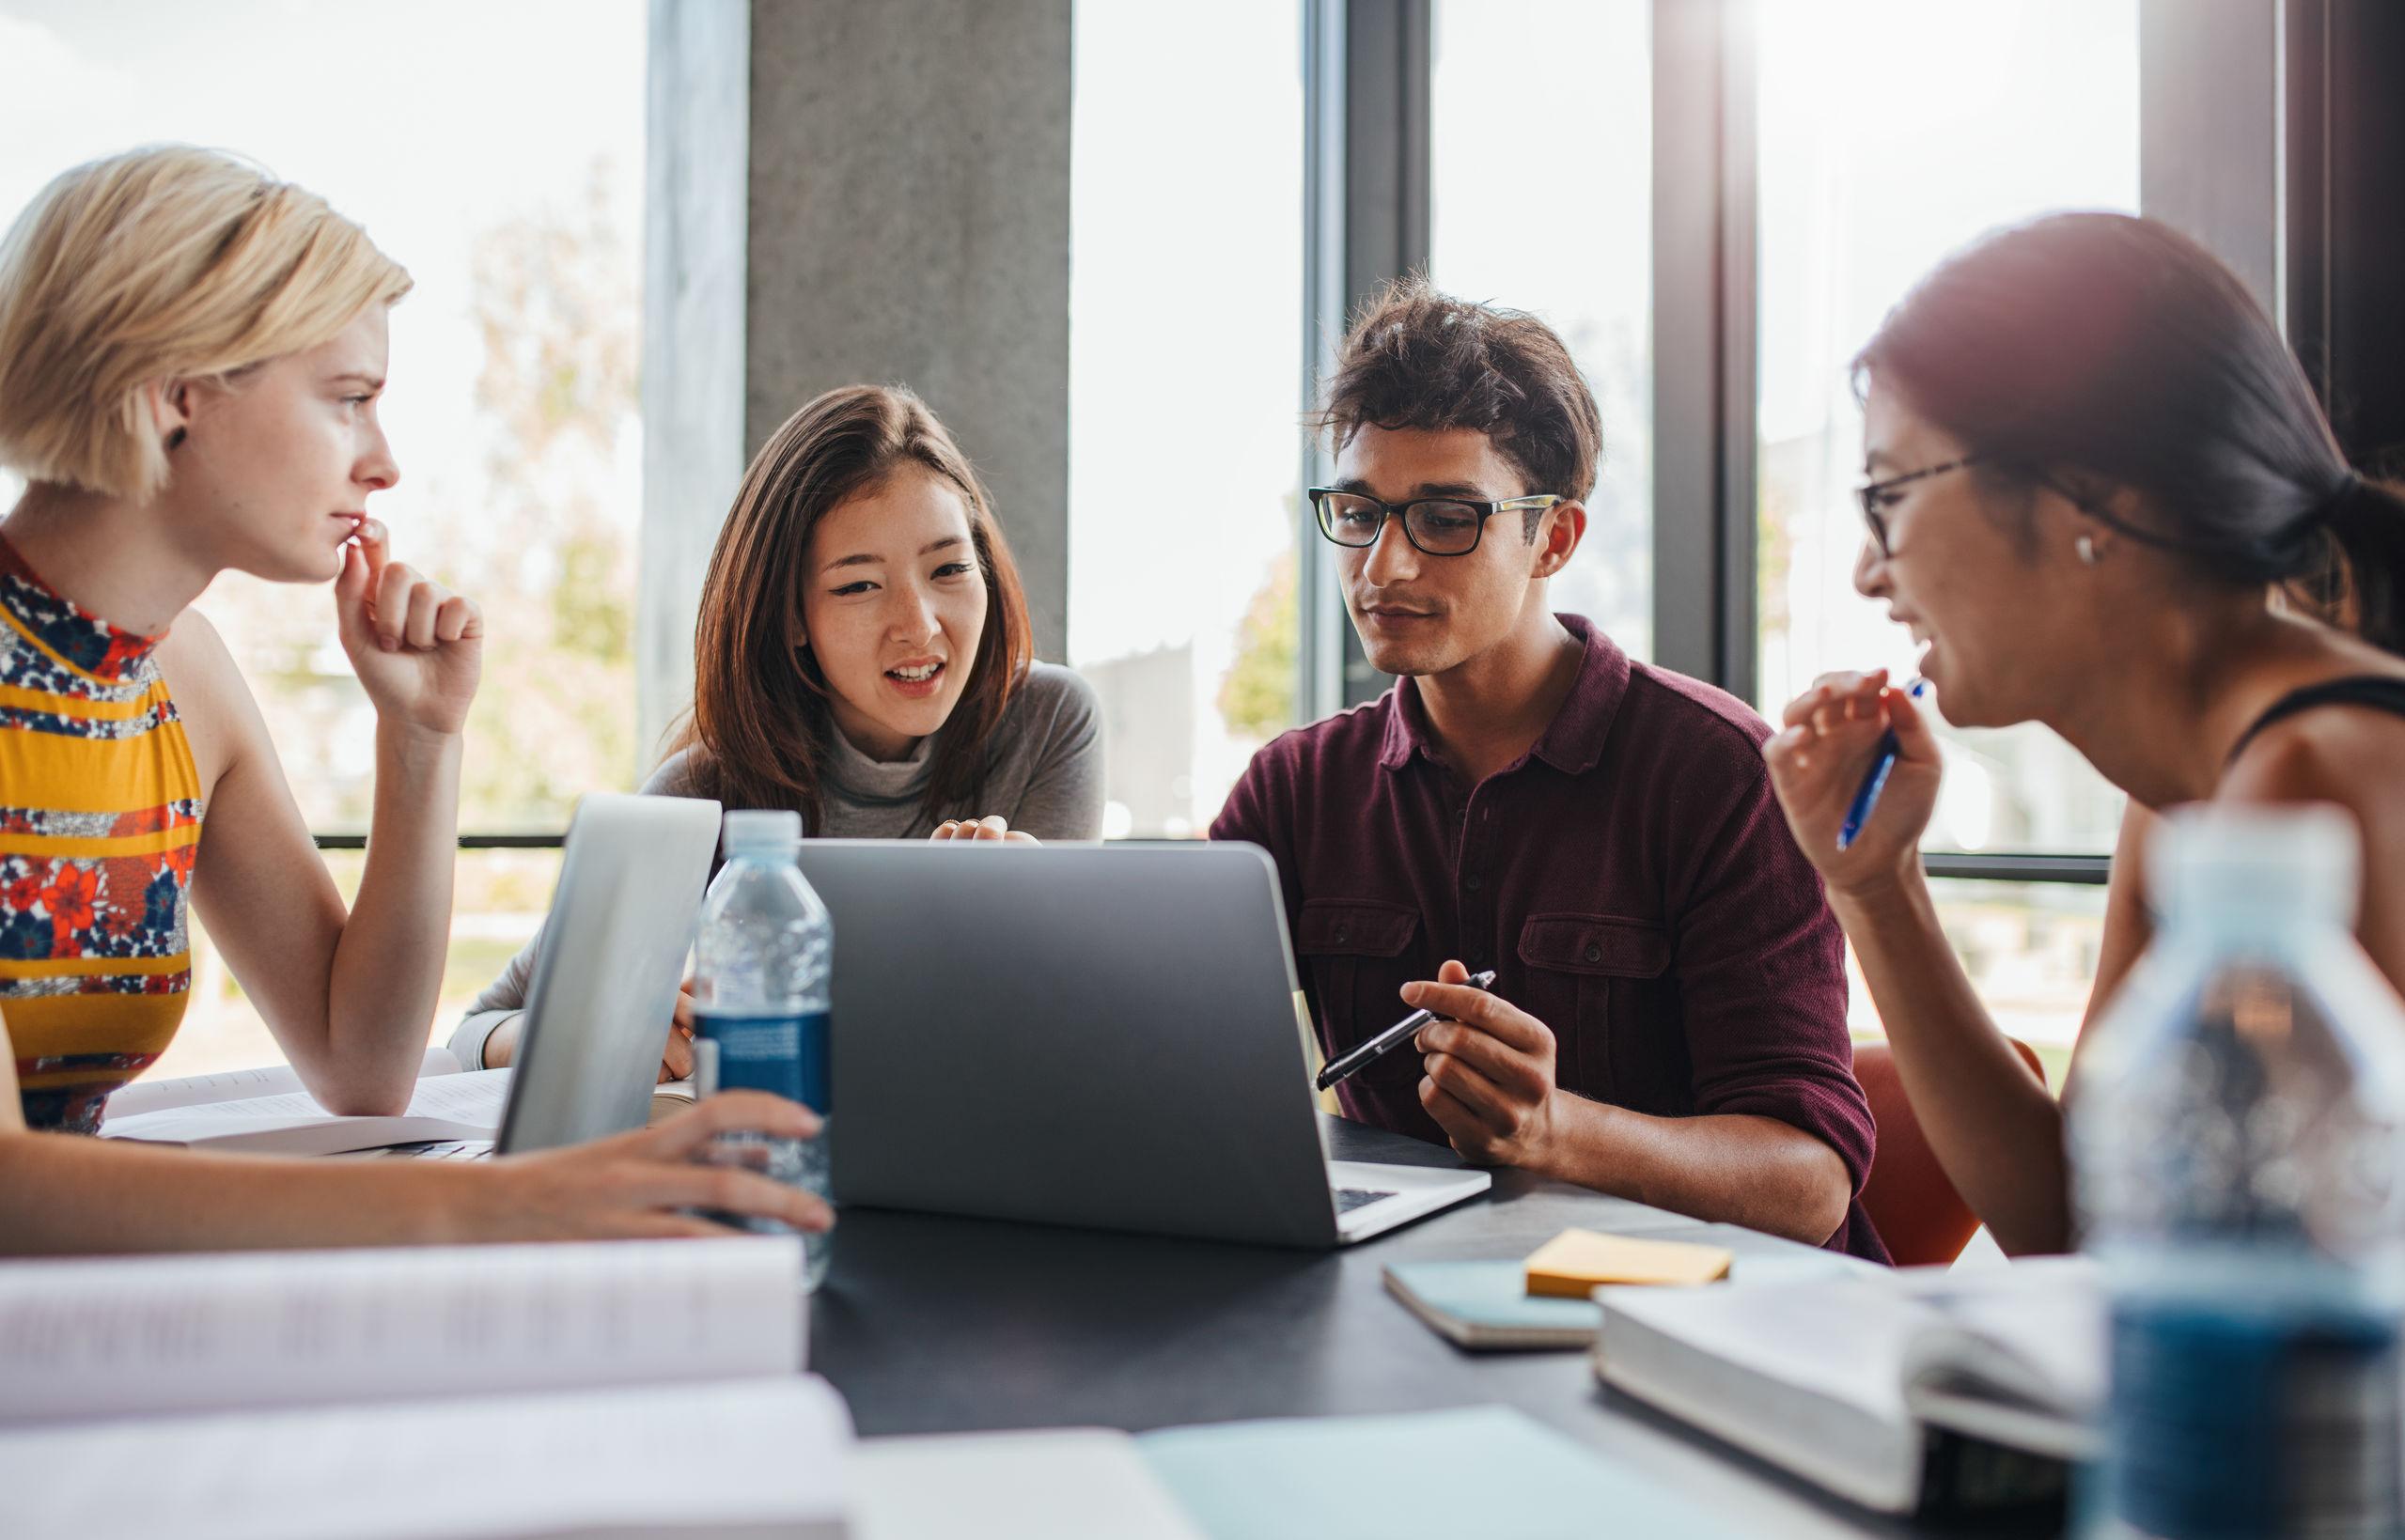 2020年 日本留学机械专业大学推荐 有没有你准备的哪一所?